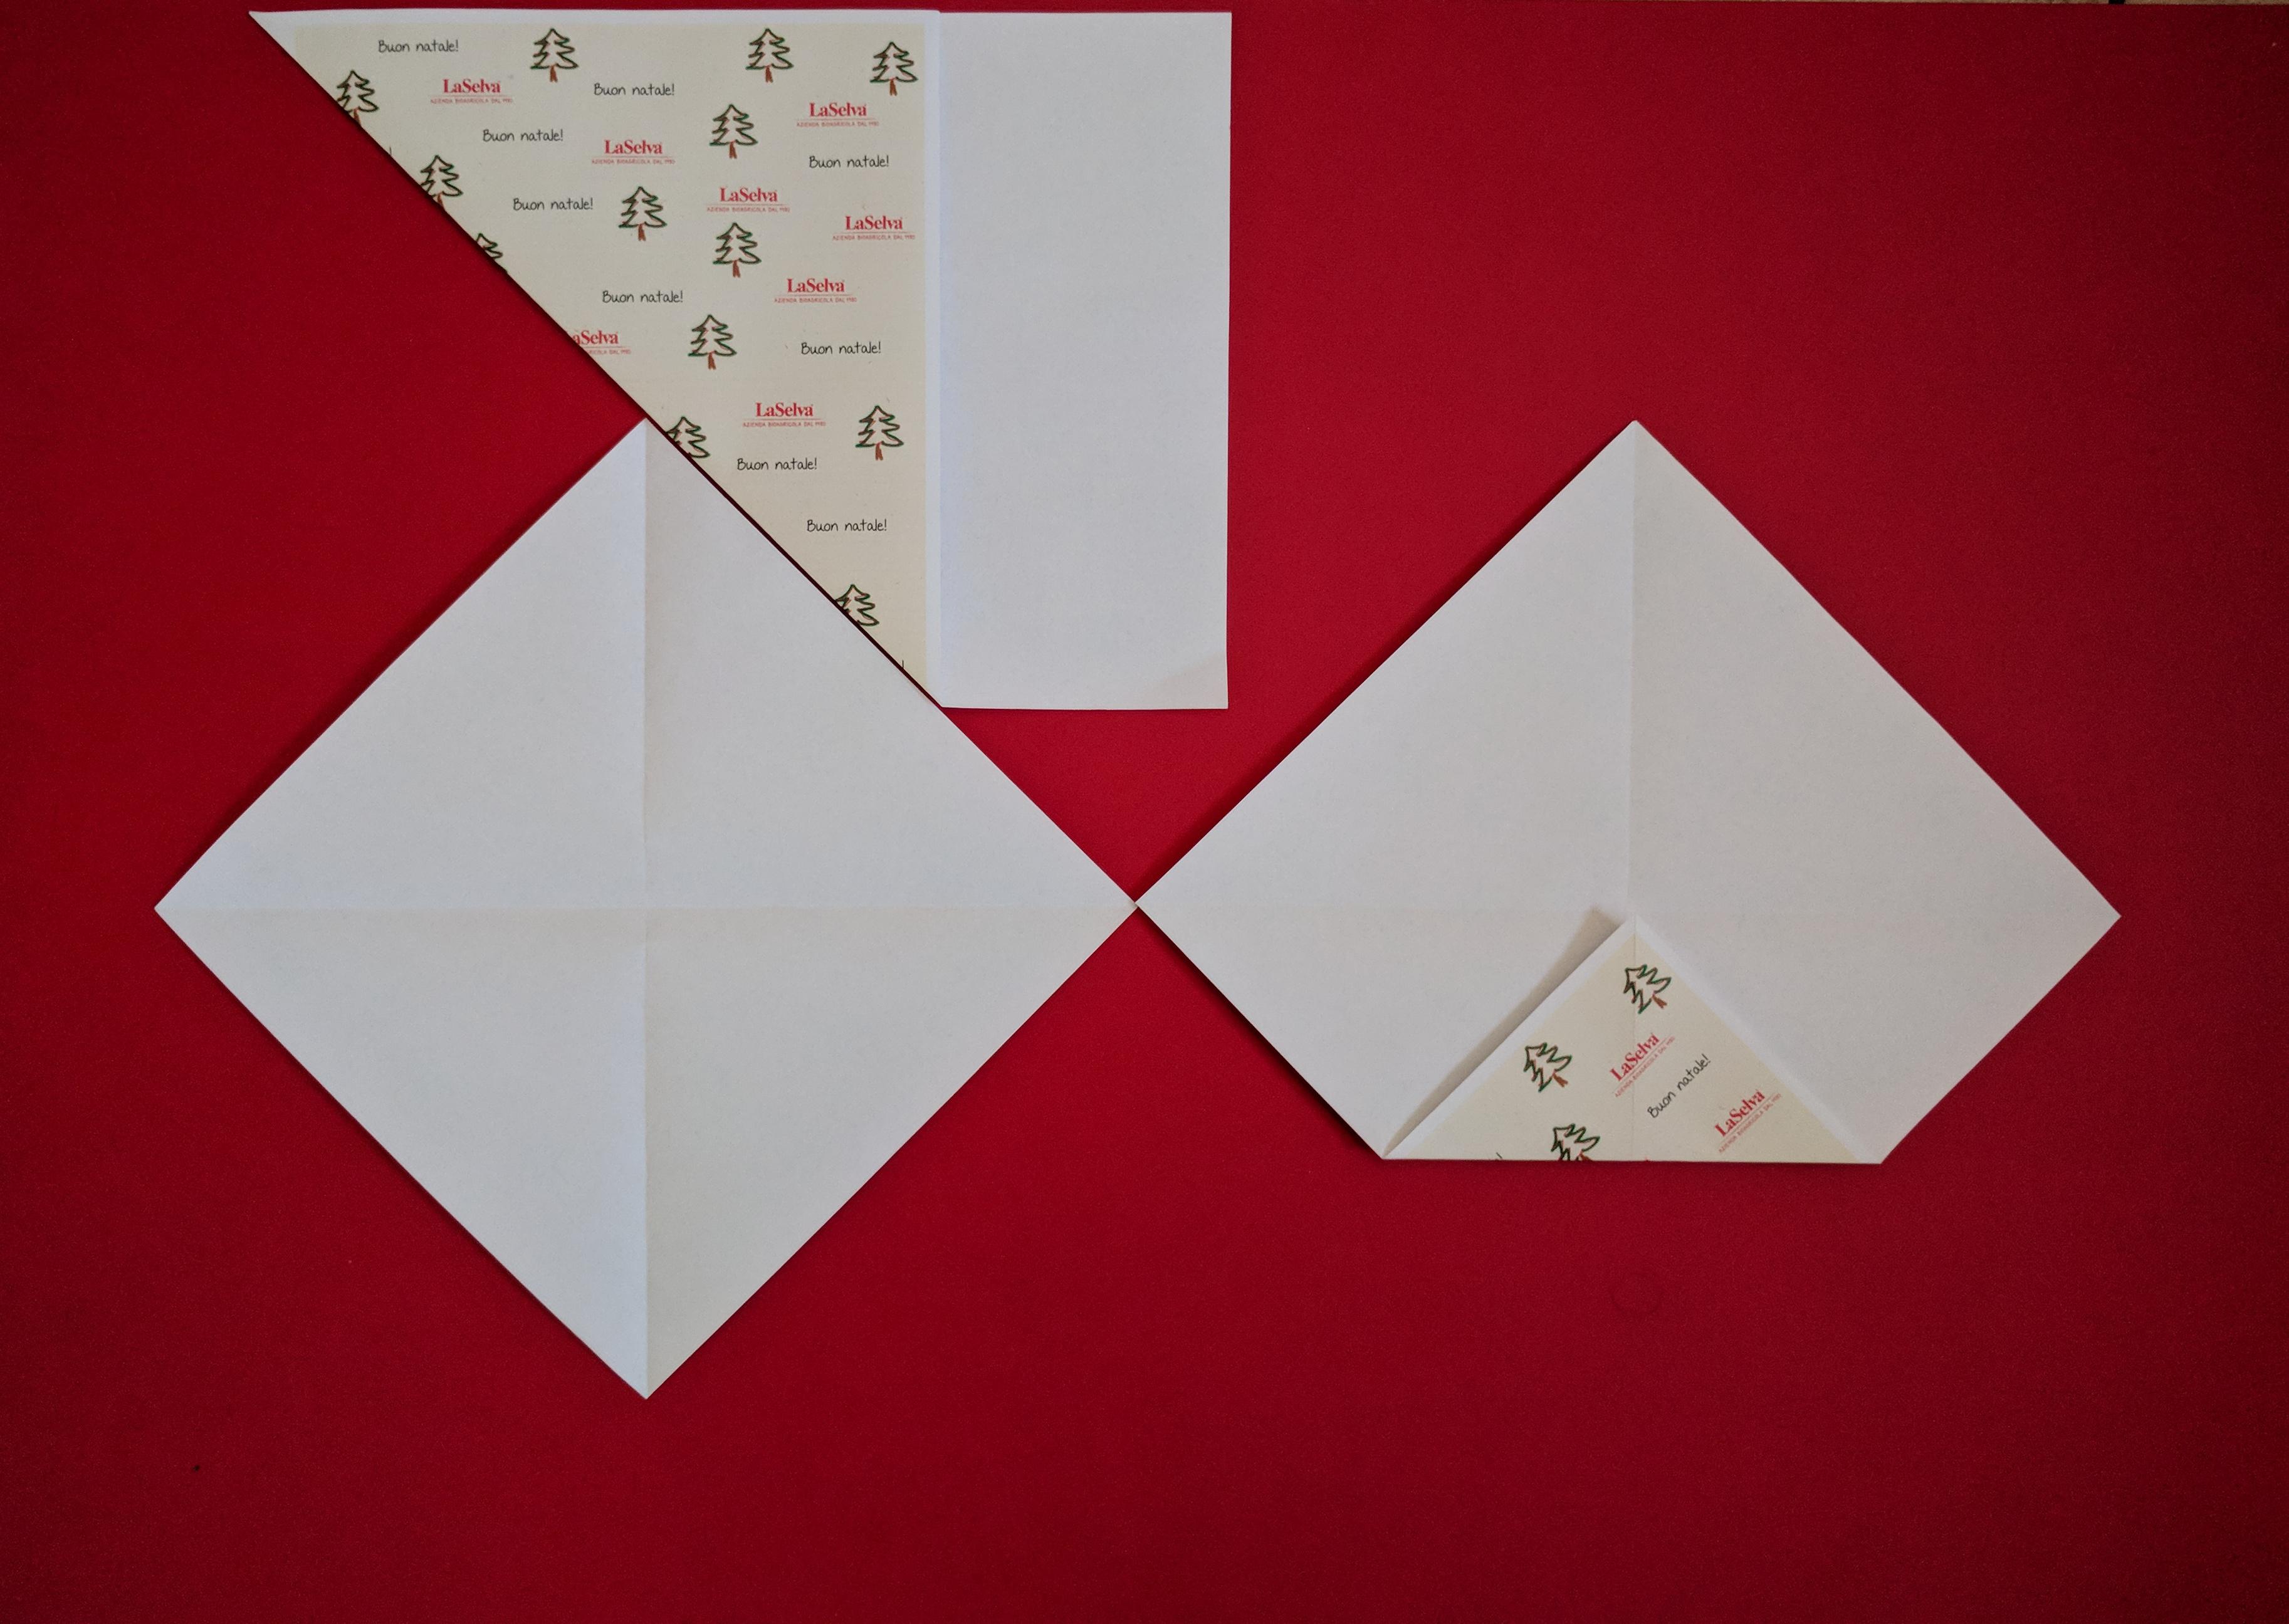 Papierschachtel_Schritt1